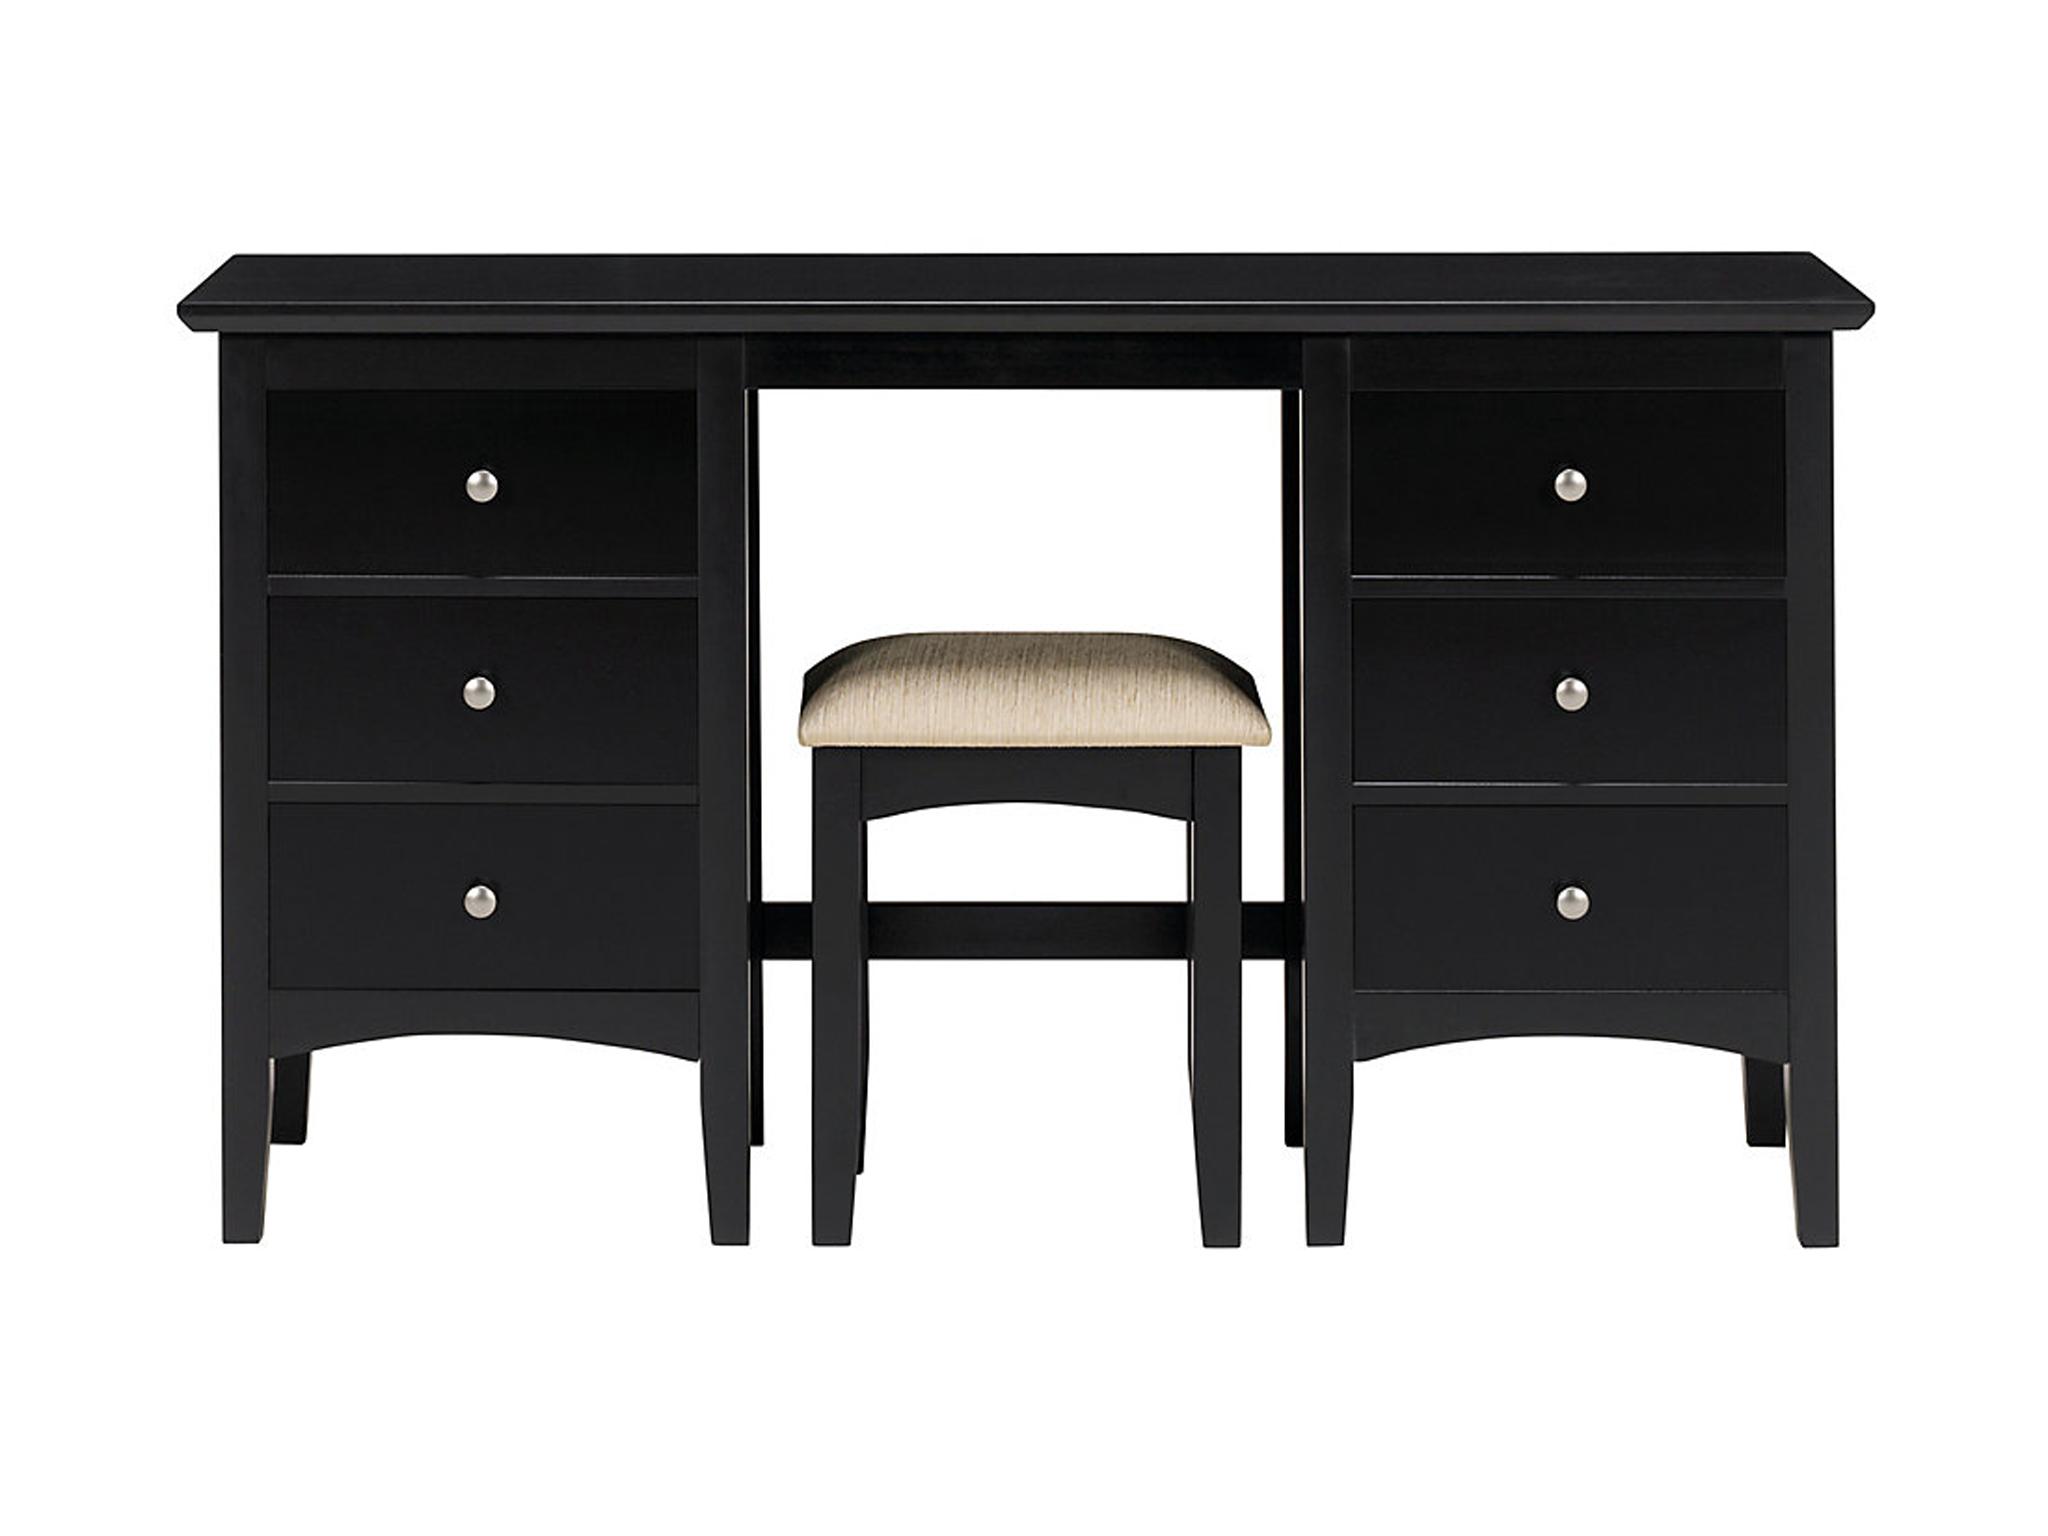 Mu0026S Hastings Dark Dressing Table And Stool Set: £319.20, Mu0026S